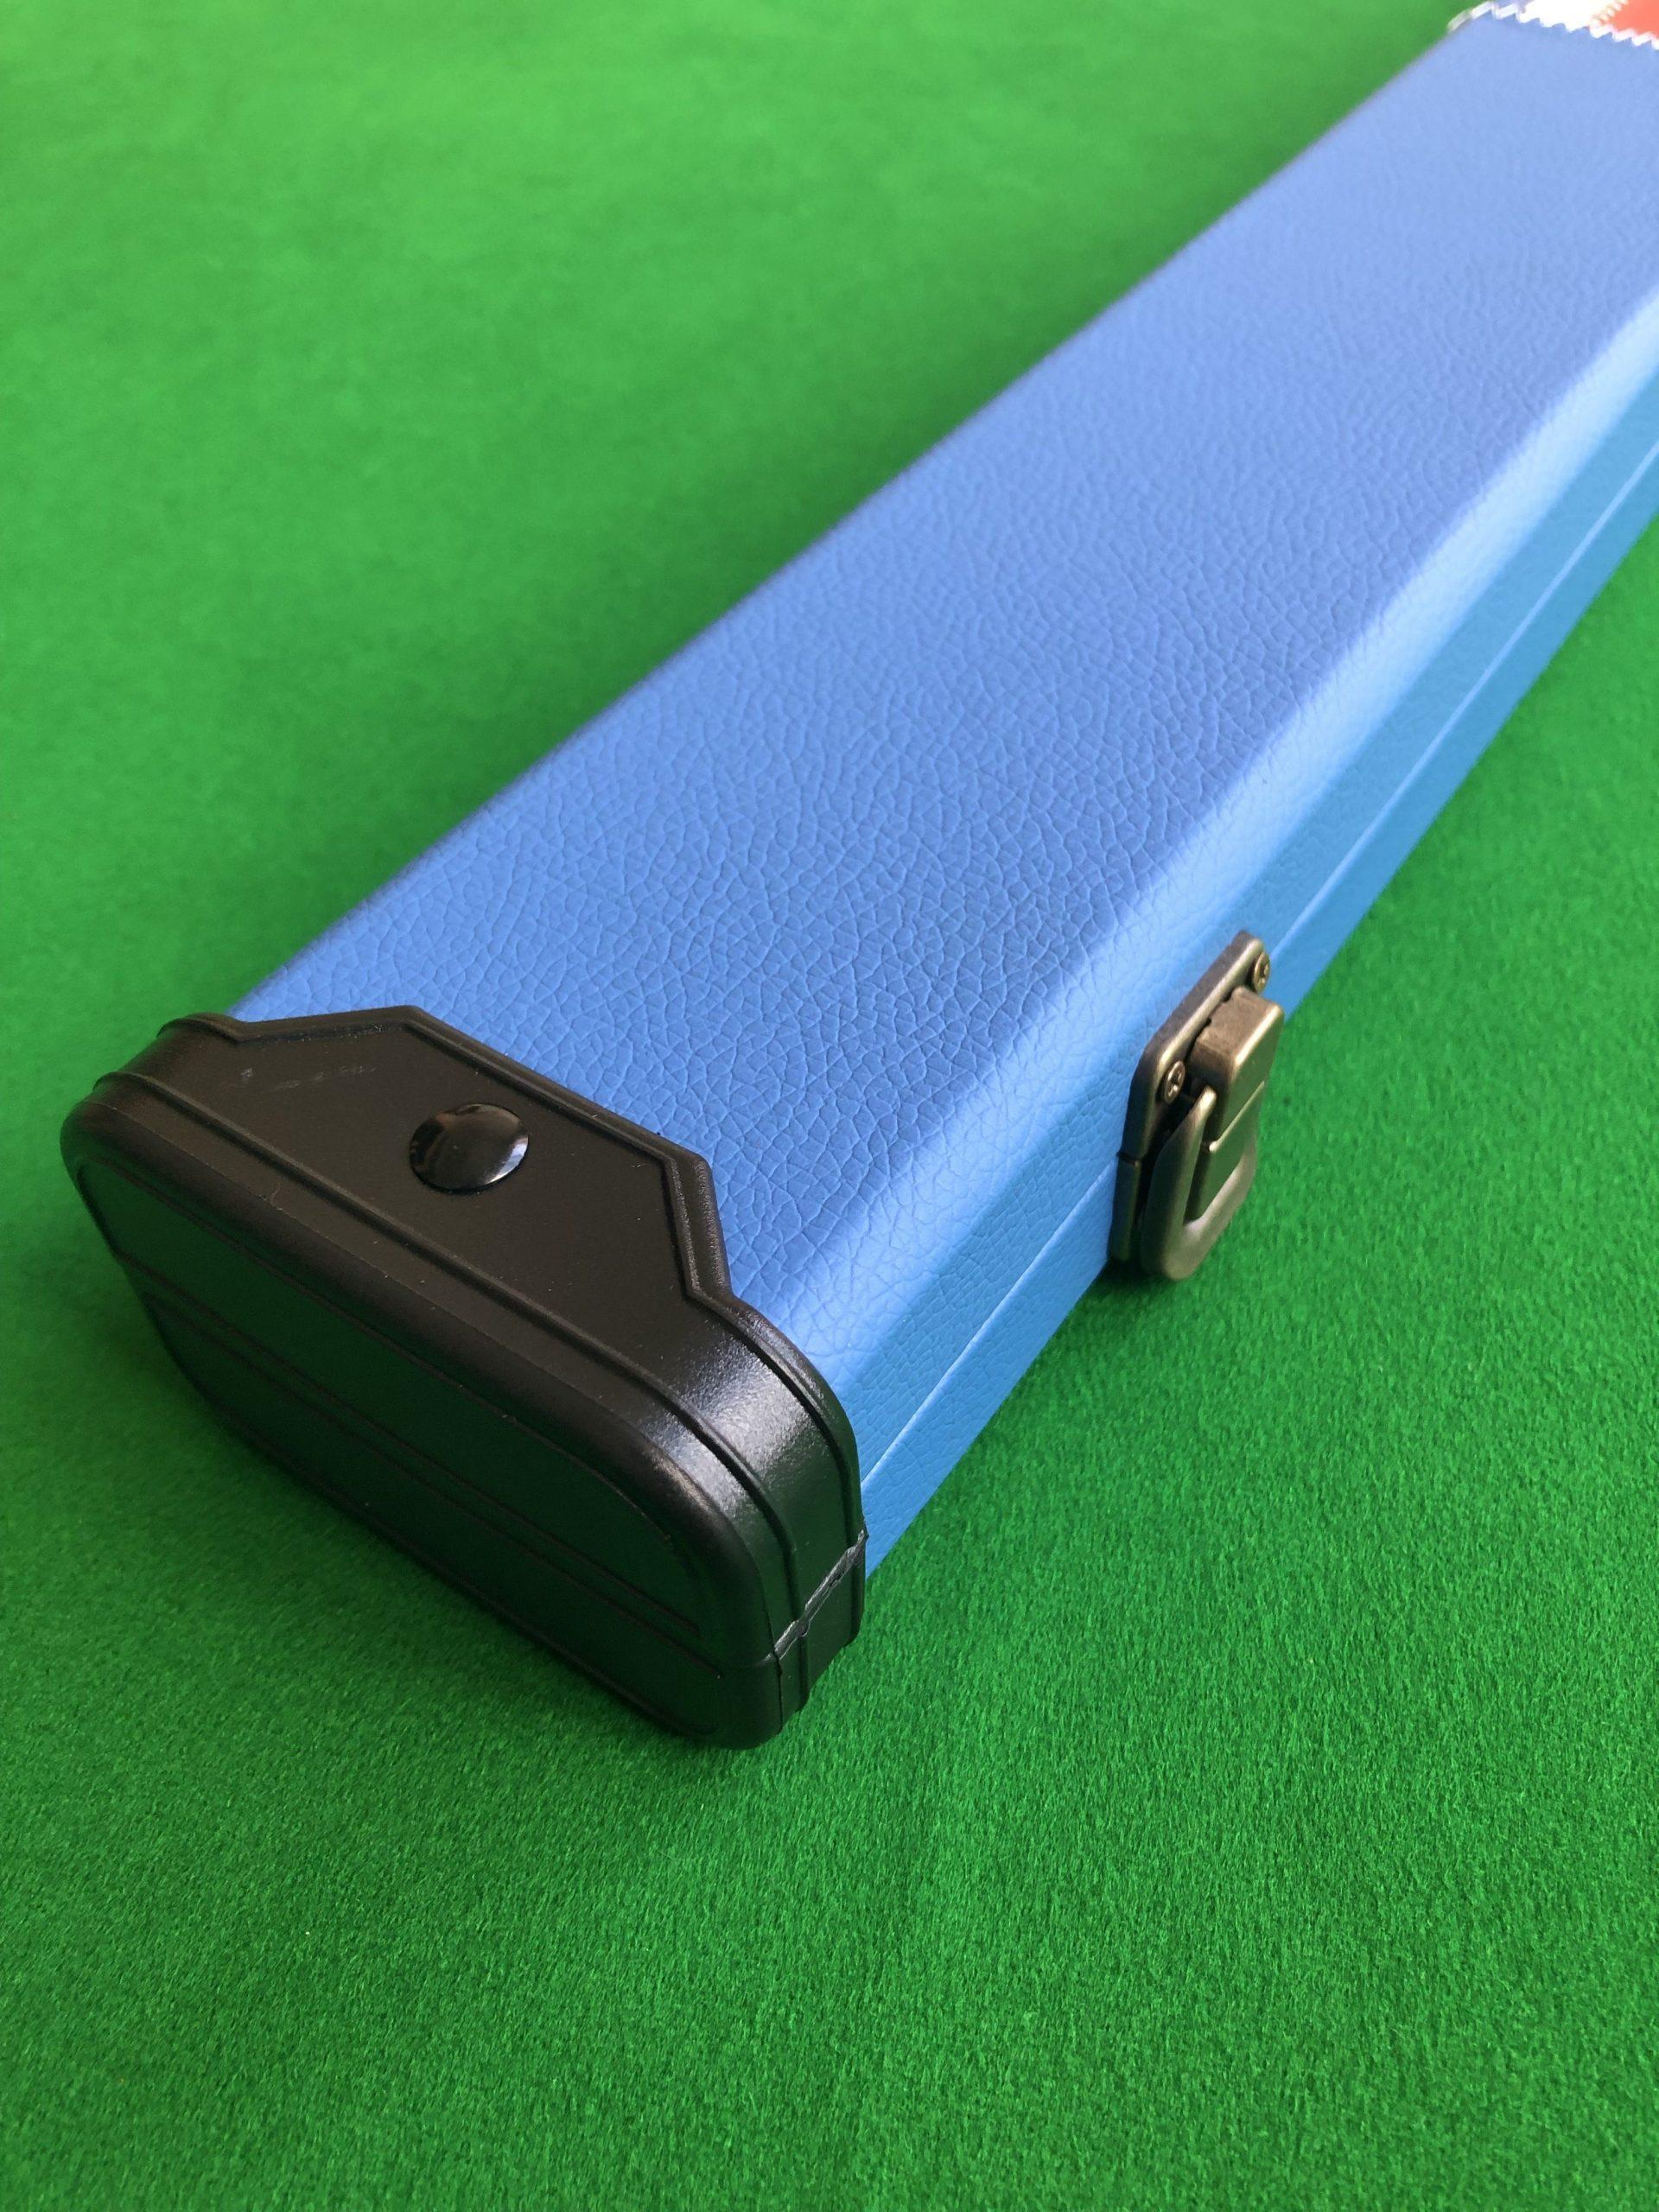 1 Piece UNION JACK DARK Professional Aluminium Snooker Cue Case Holds 2 Cues